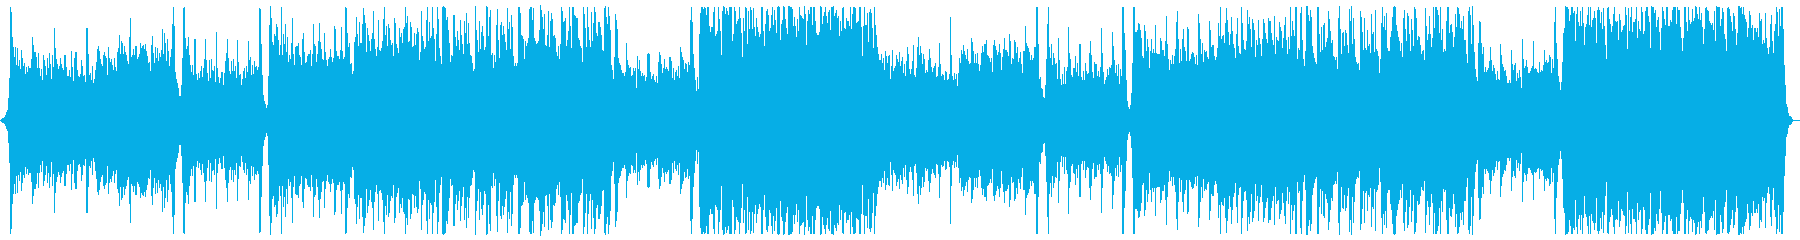 スポーツ対決オーケストラx2回の再生済みの波形